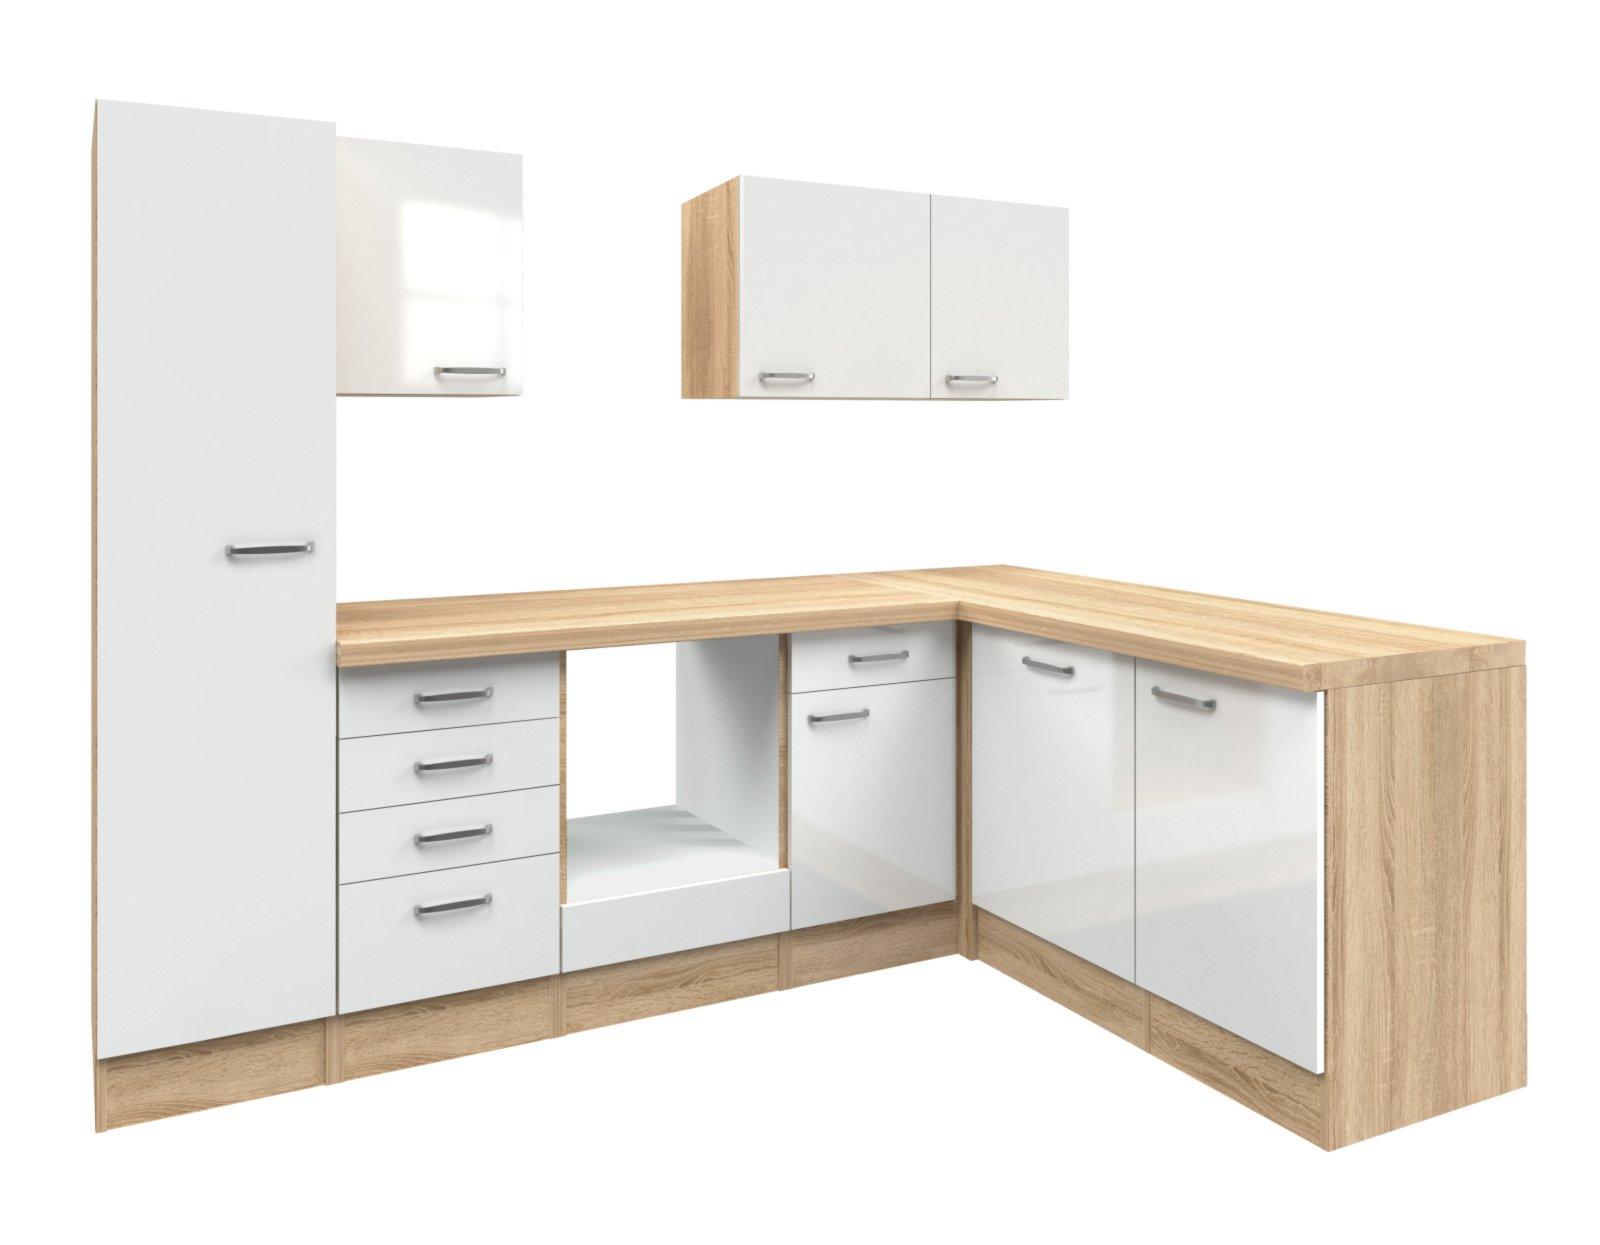 winkelk che valero wei hochglanz sonoma eiche 270x170. Black Bedroom Furniture Sets. Home Design Ideas